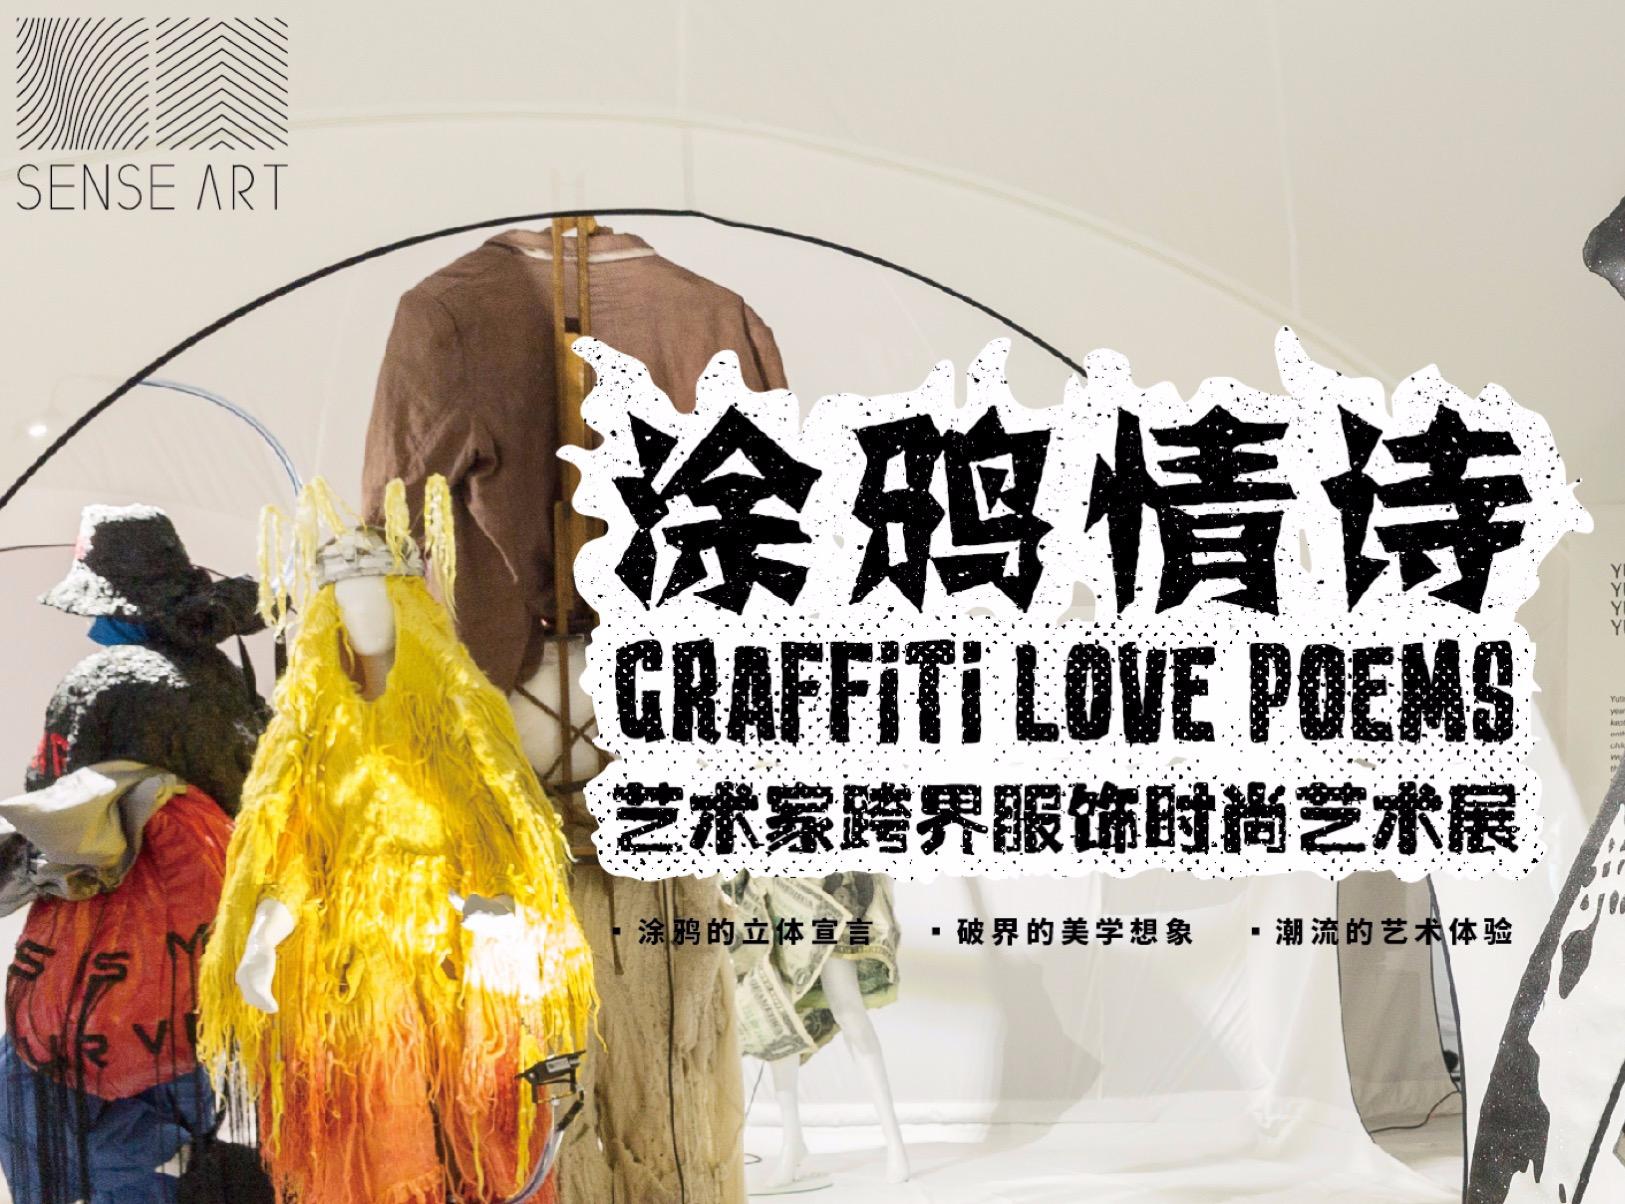 艺术家跨界原创服饰时尚艺术展《涂鸦情诗》—感映艺术出品